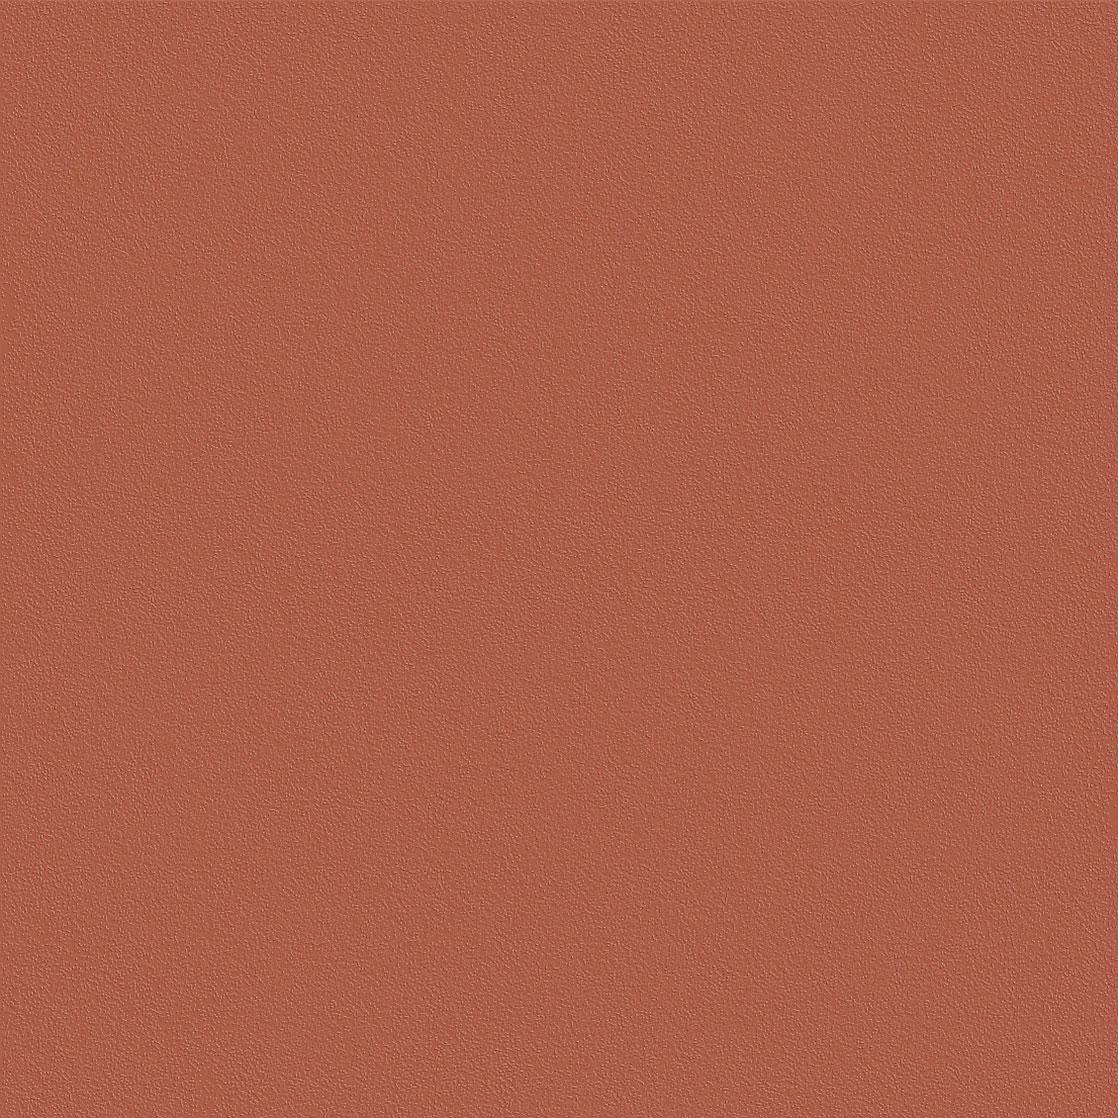 Gạch Cotto tráng men 400x400 Viglacera D409 giá rẻ